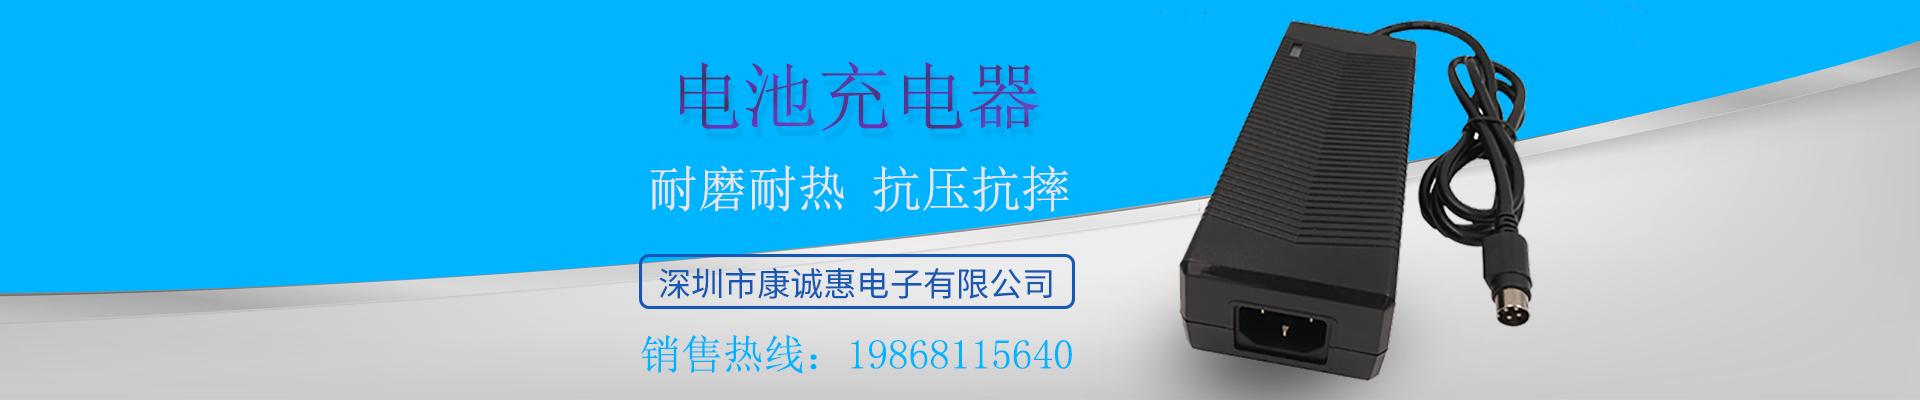 深圳市康诚惠电子科技有限公司